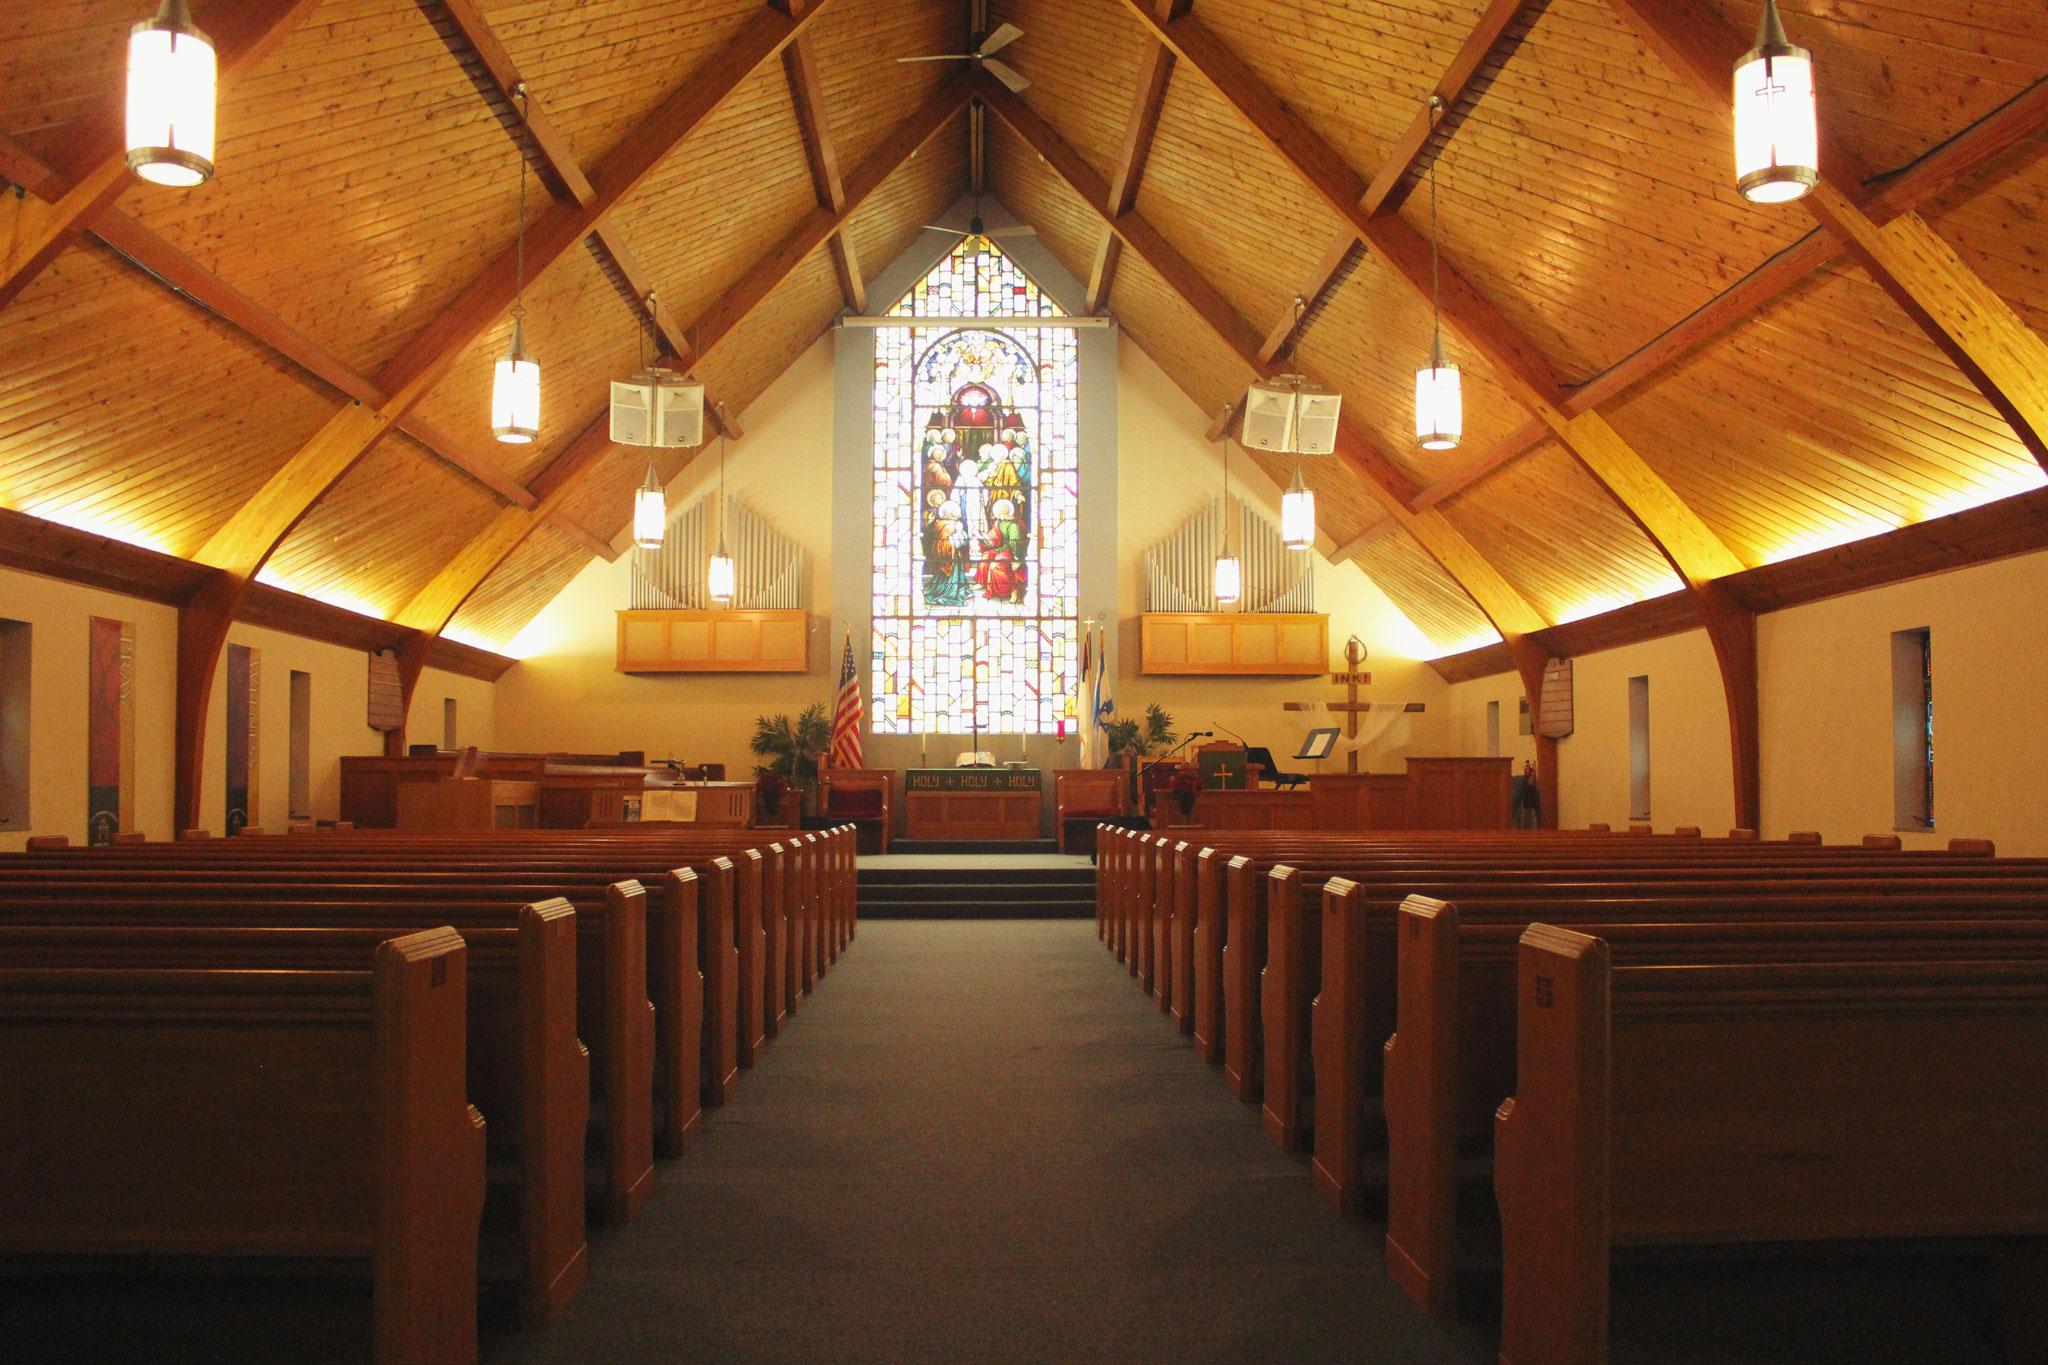 buckeye-lake-church-faith-worship-ministries